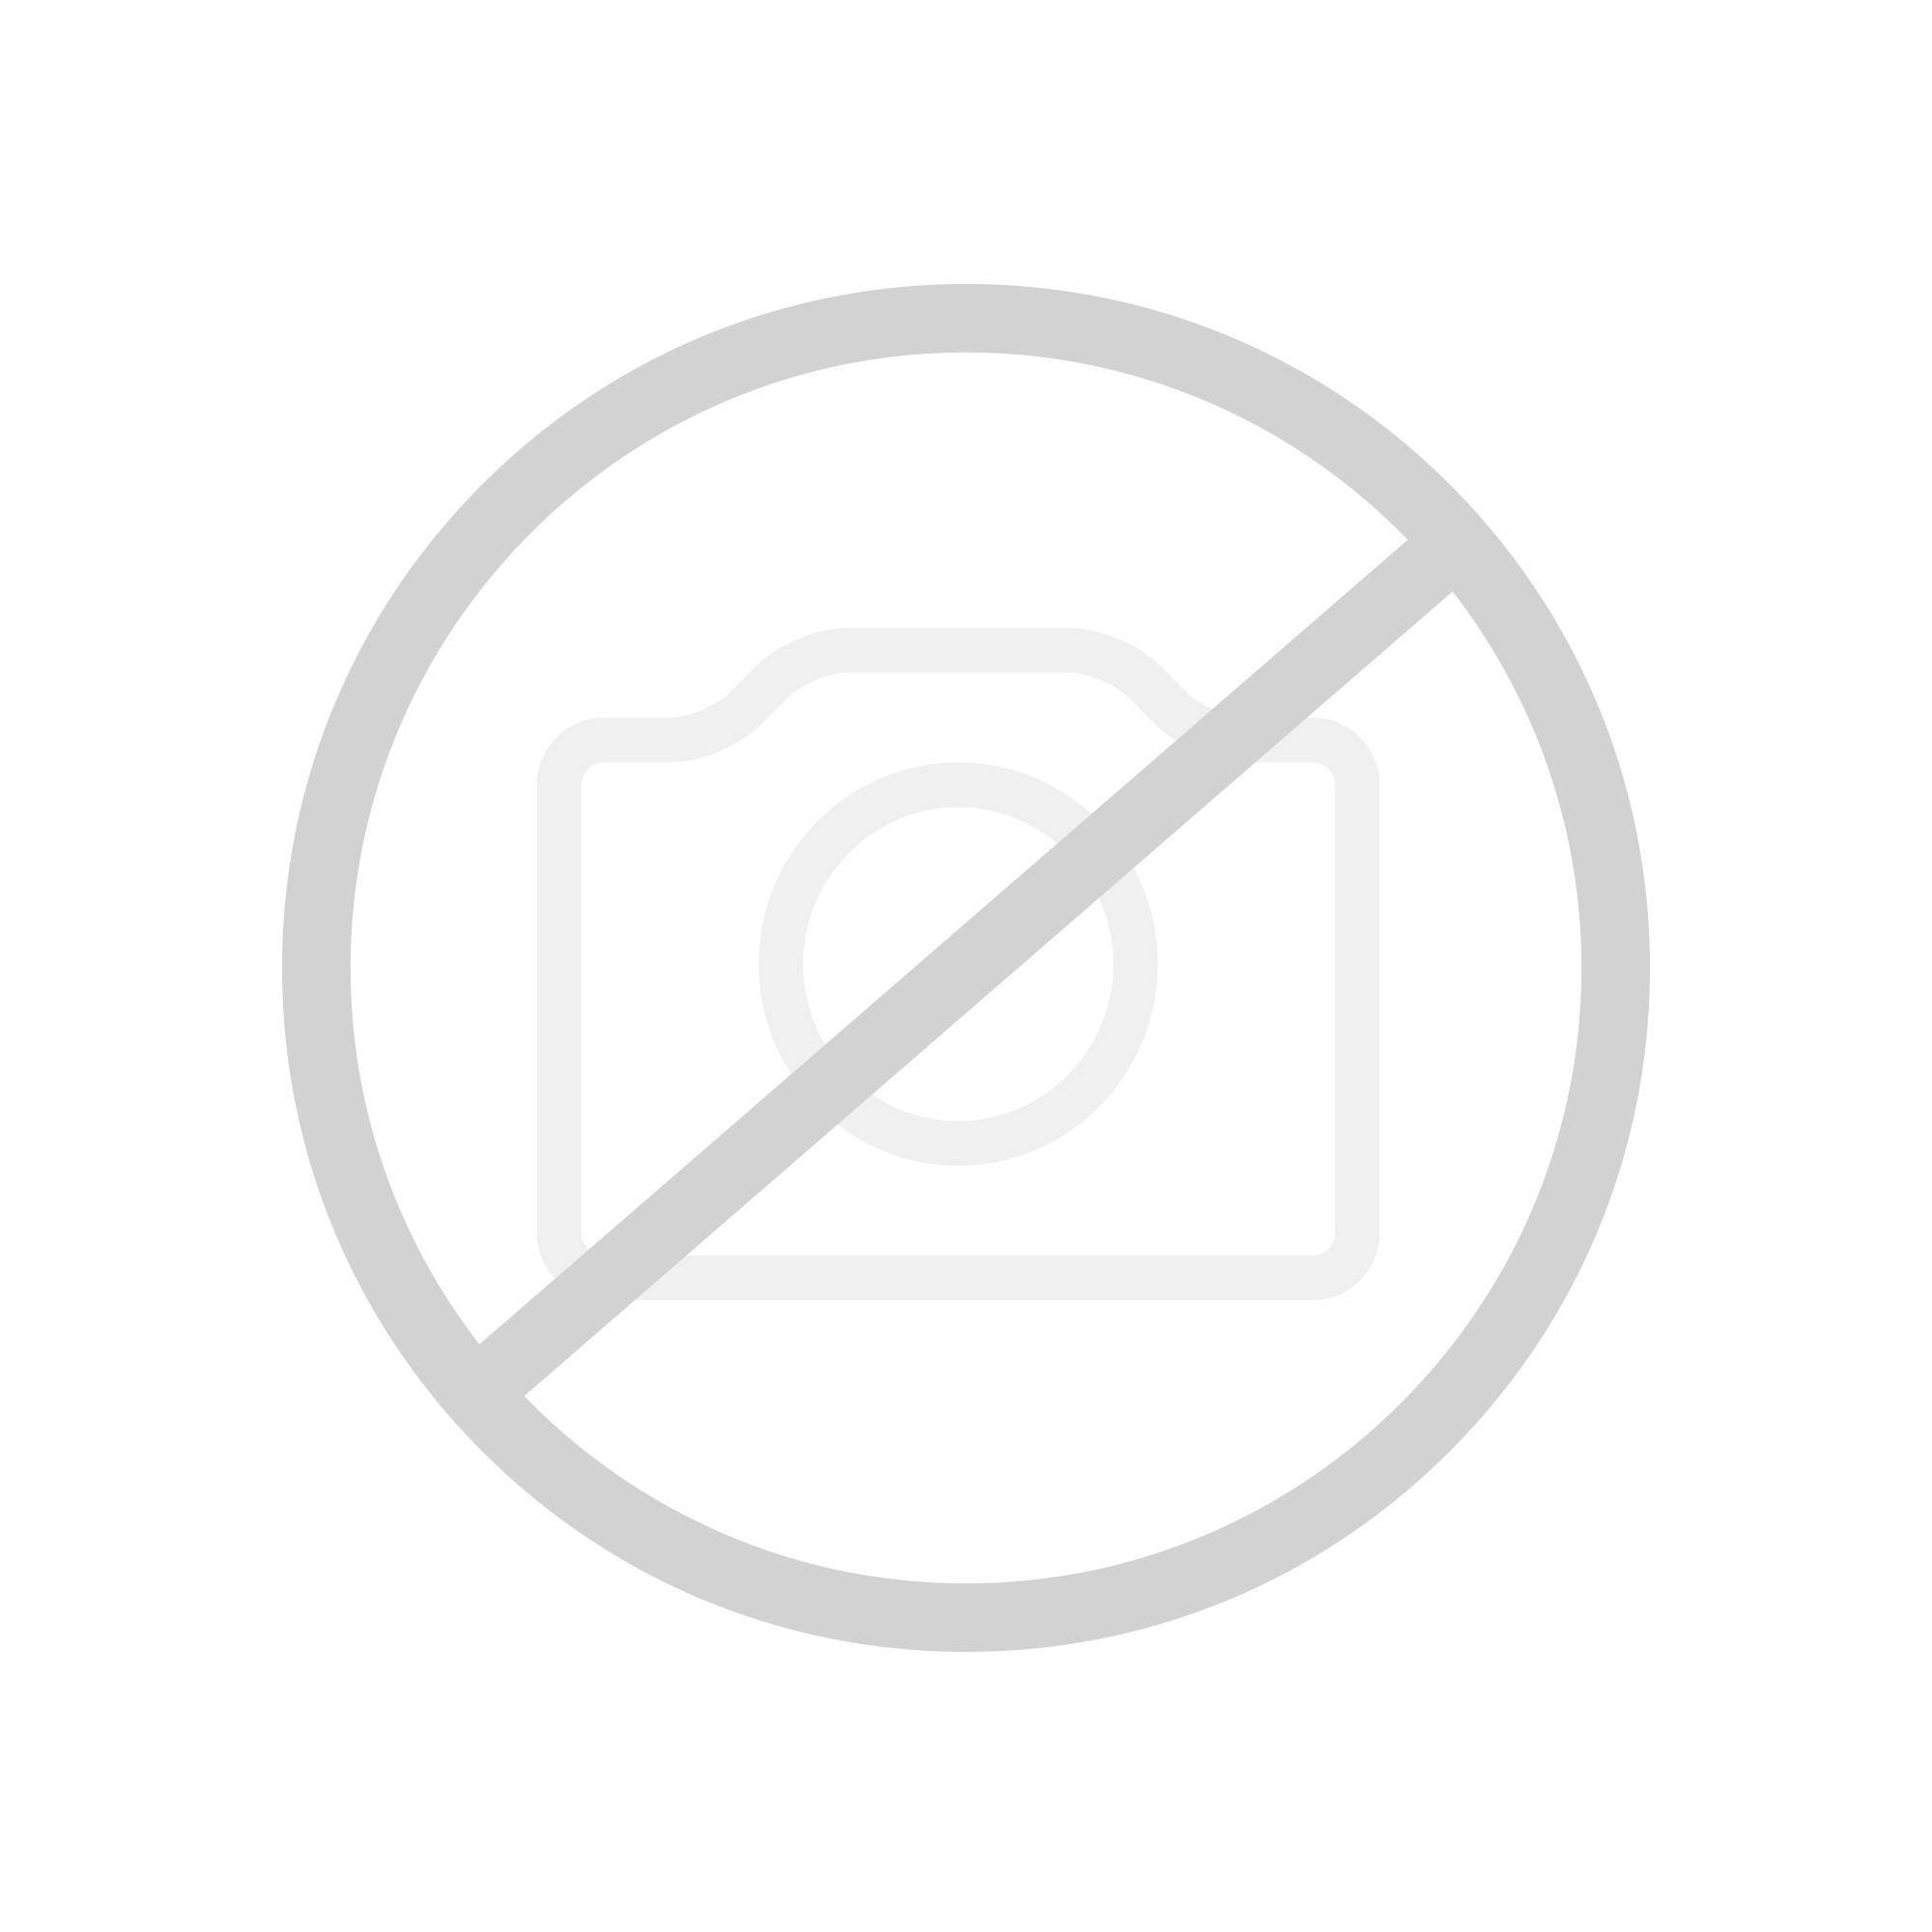 Grohe Eurocube Einhand-Spültischbatterie DN 15